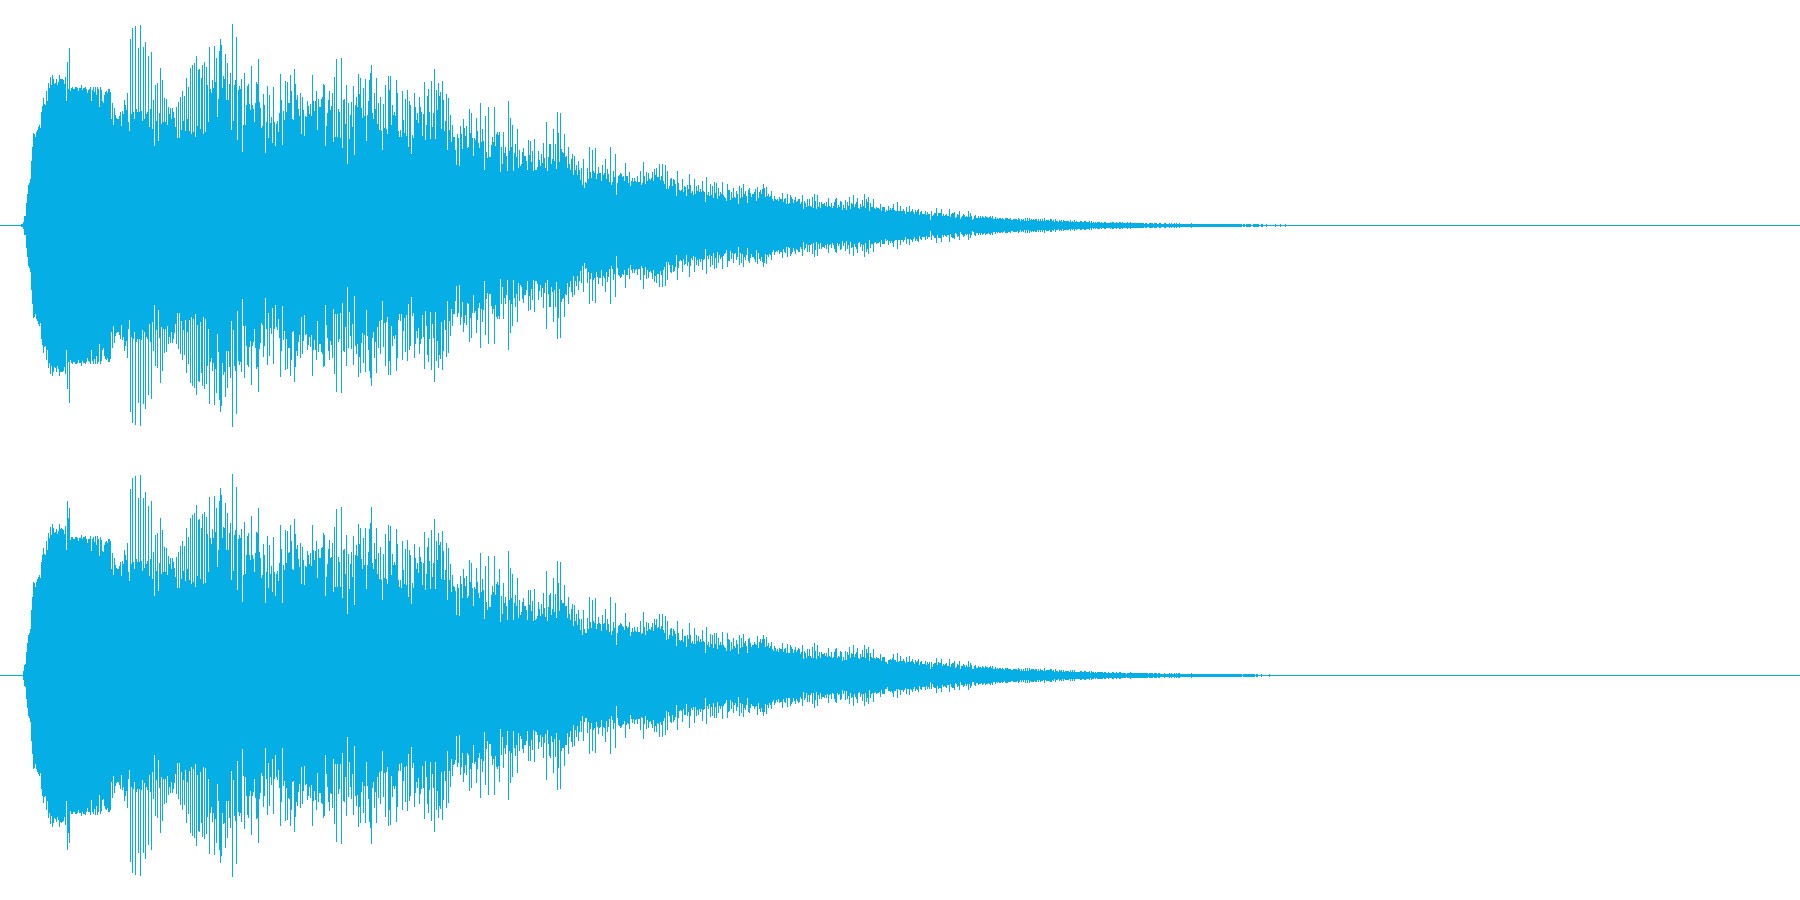 キラキラ/決定音/回復/獲得の再生済みの波形